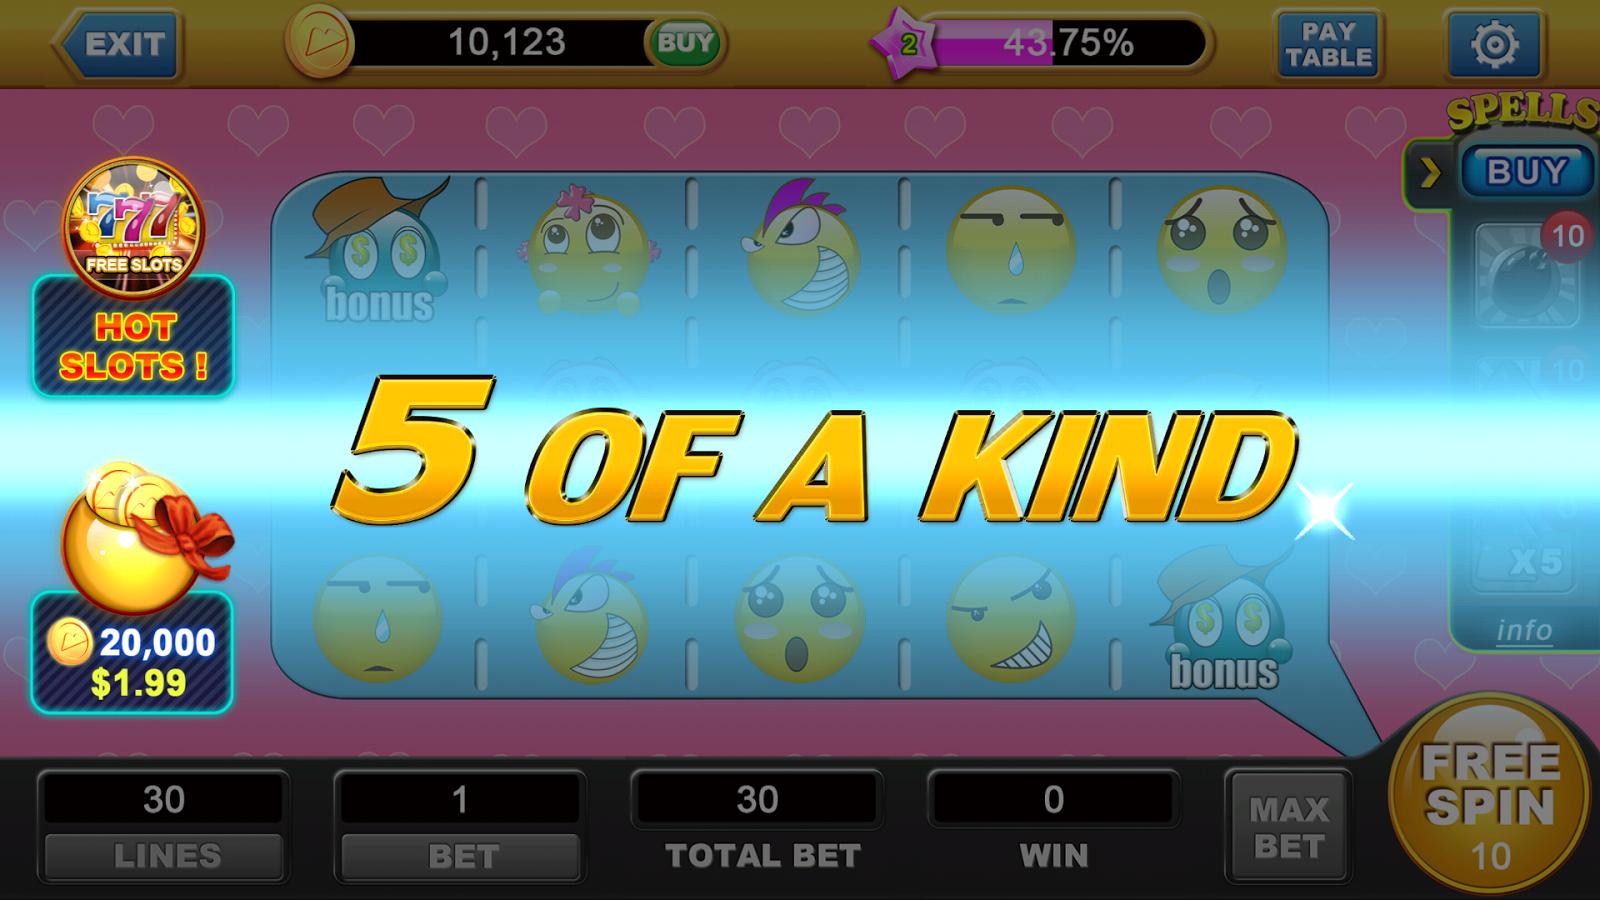 Emoji Slot Machine - Play the MrSlotty Casino Game for Free